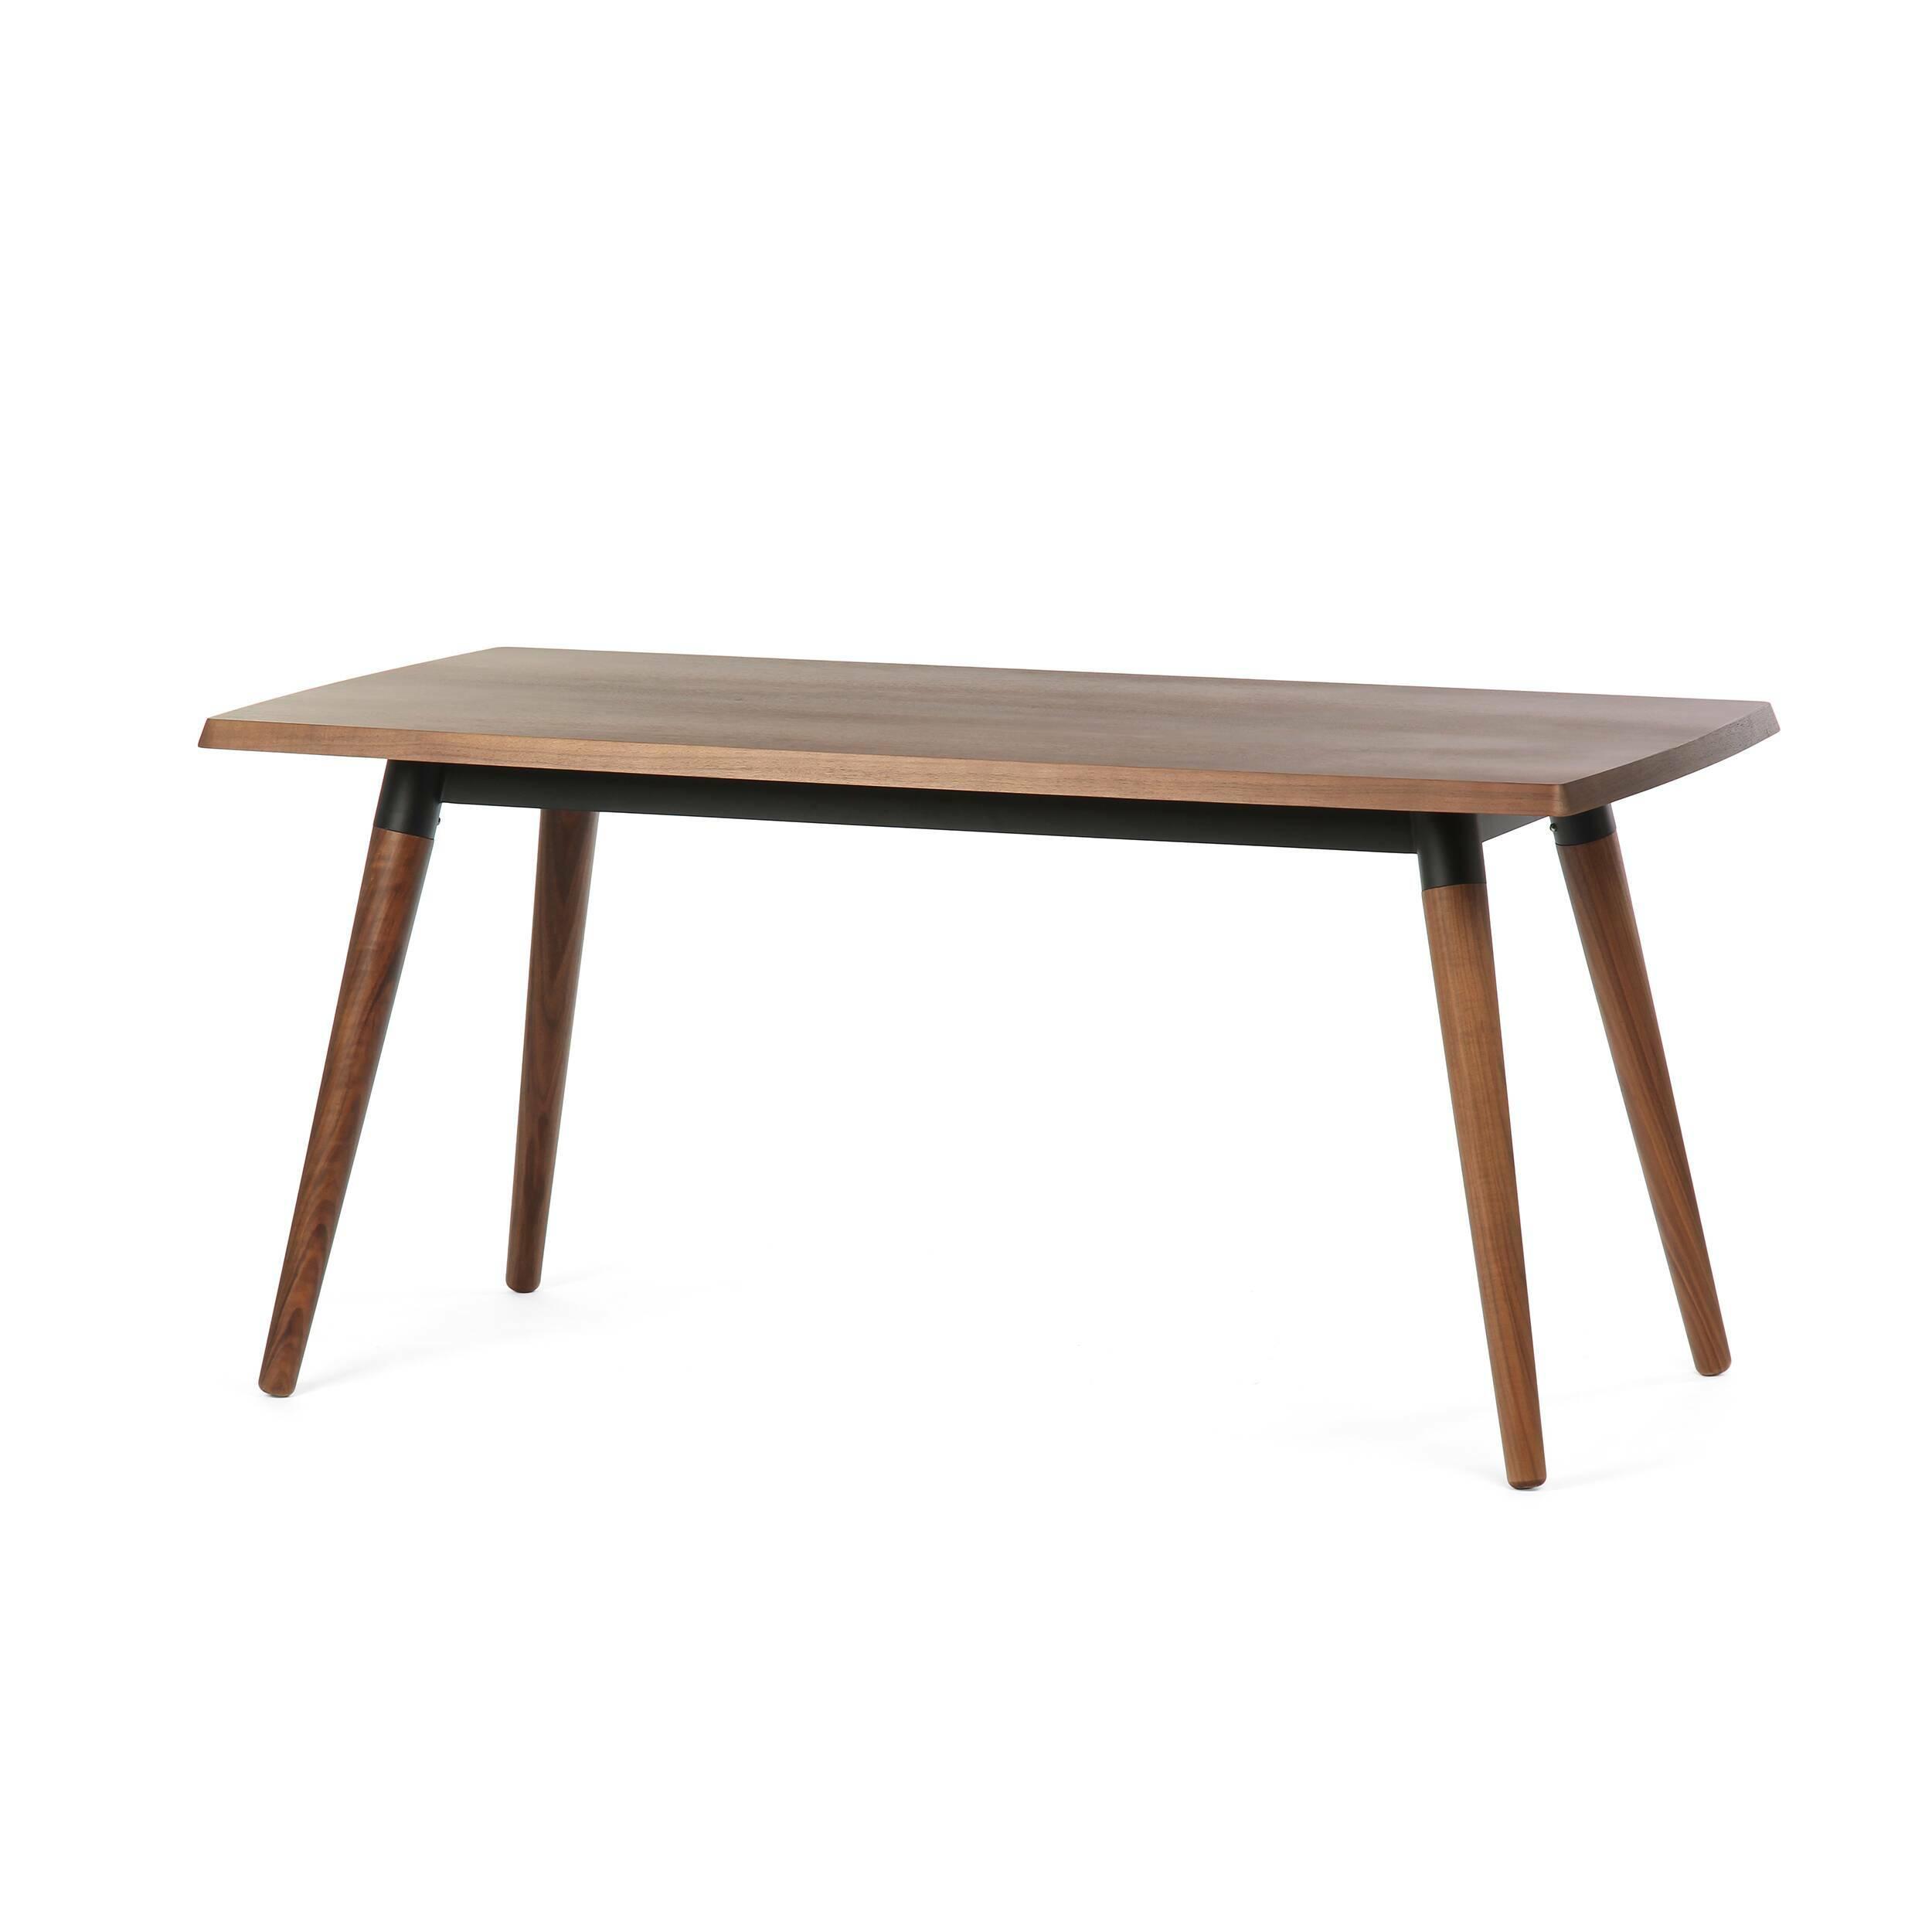 Обеденный стол Copine прямоугольный 160х85 обеденный стол wellington прямоугольный